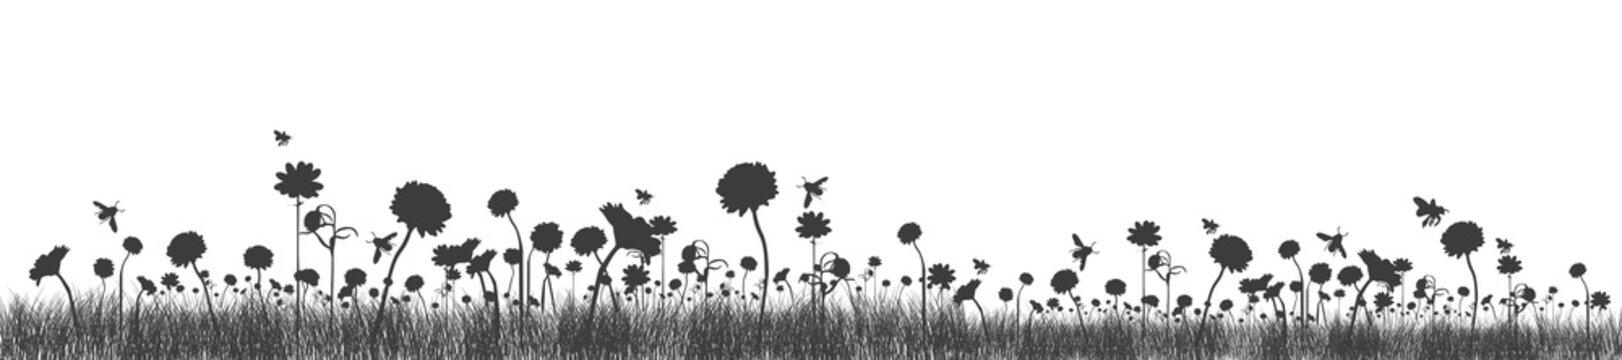 Blumenwiese mit Bienen   Banner